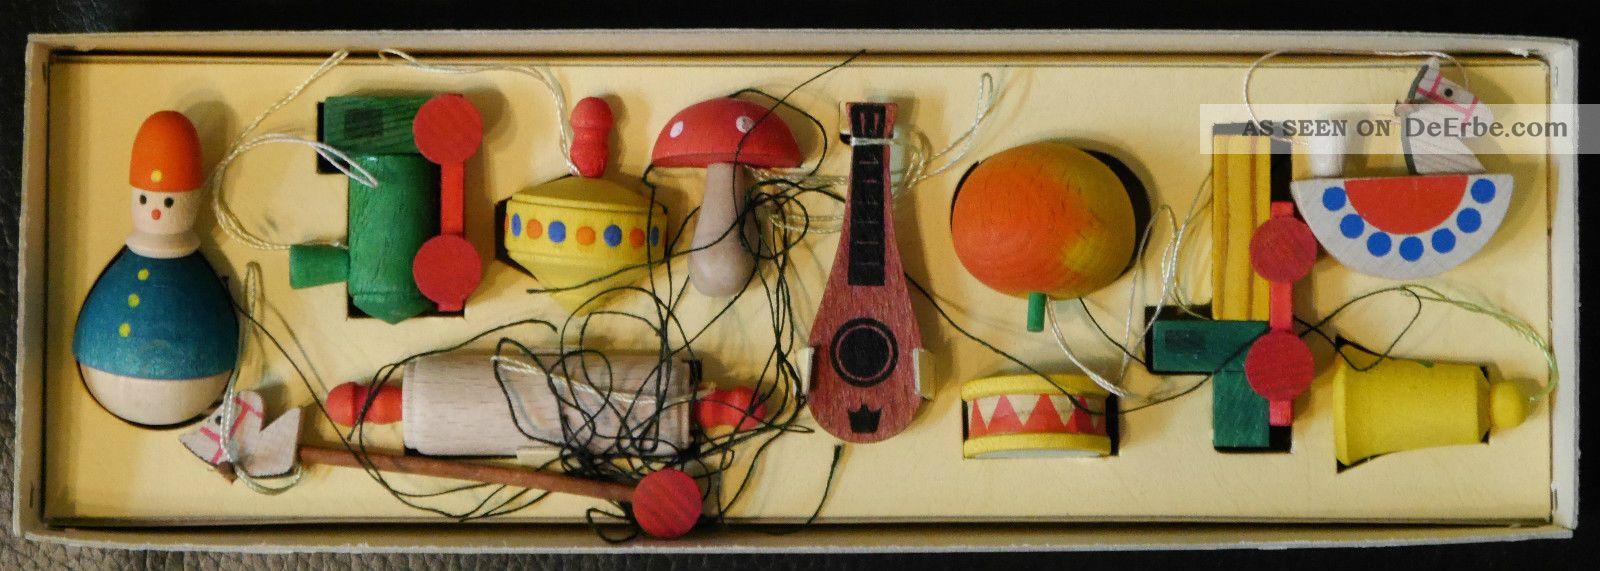 Beliebte Spielzeuge der 1980er Jahre